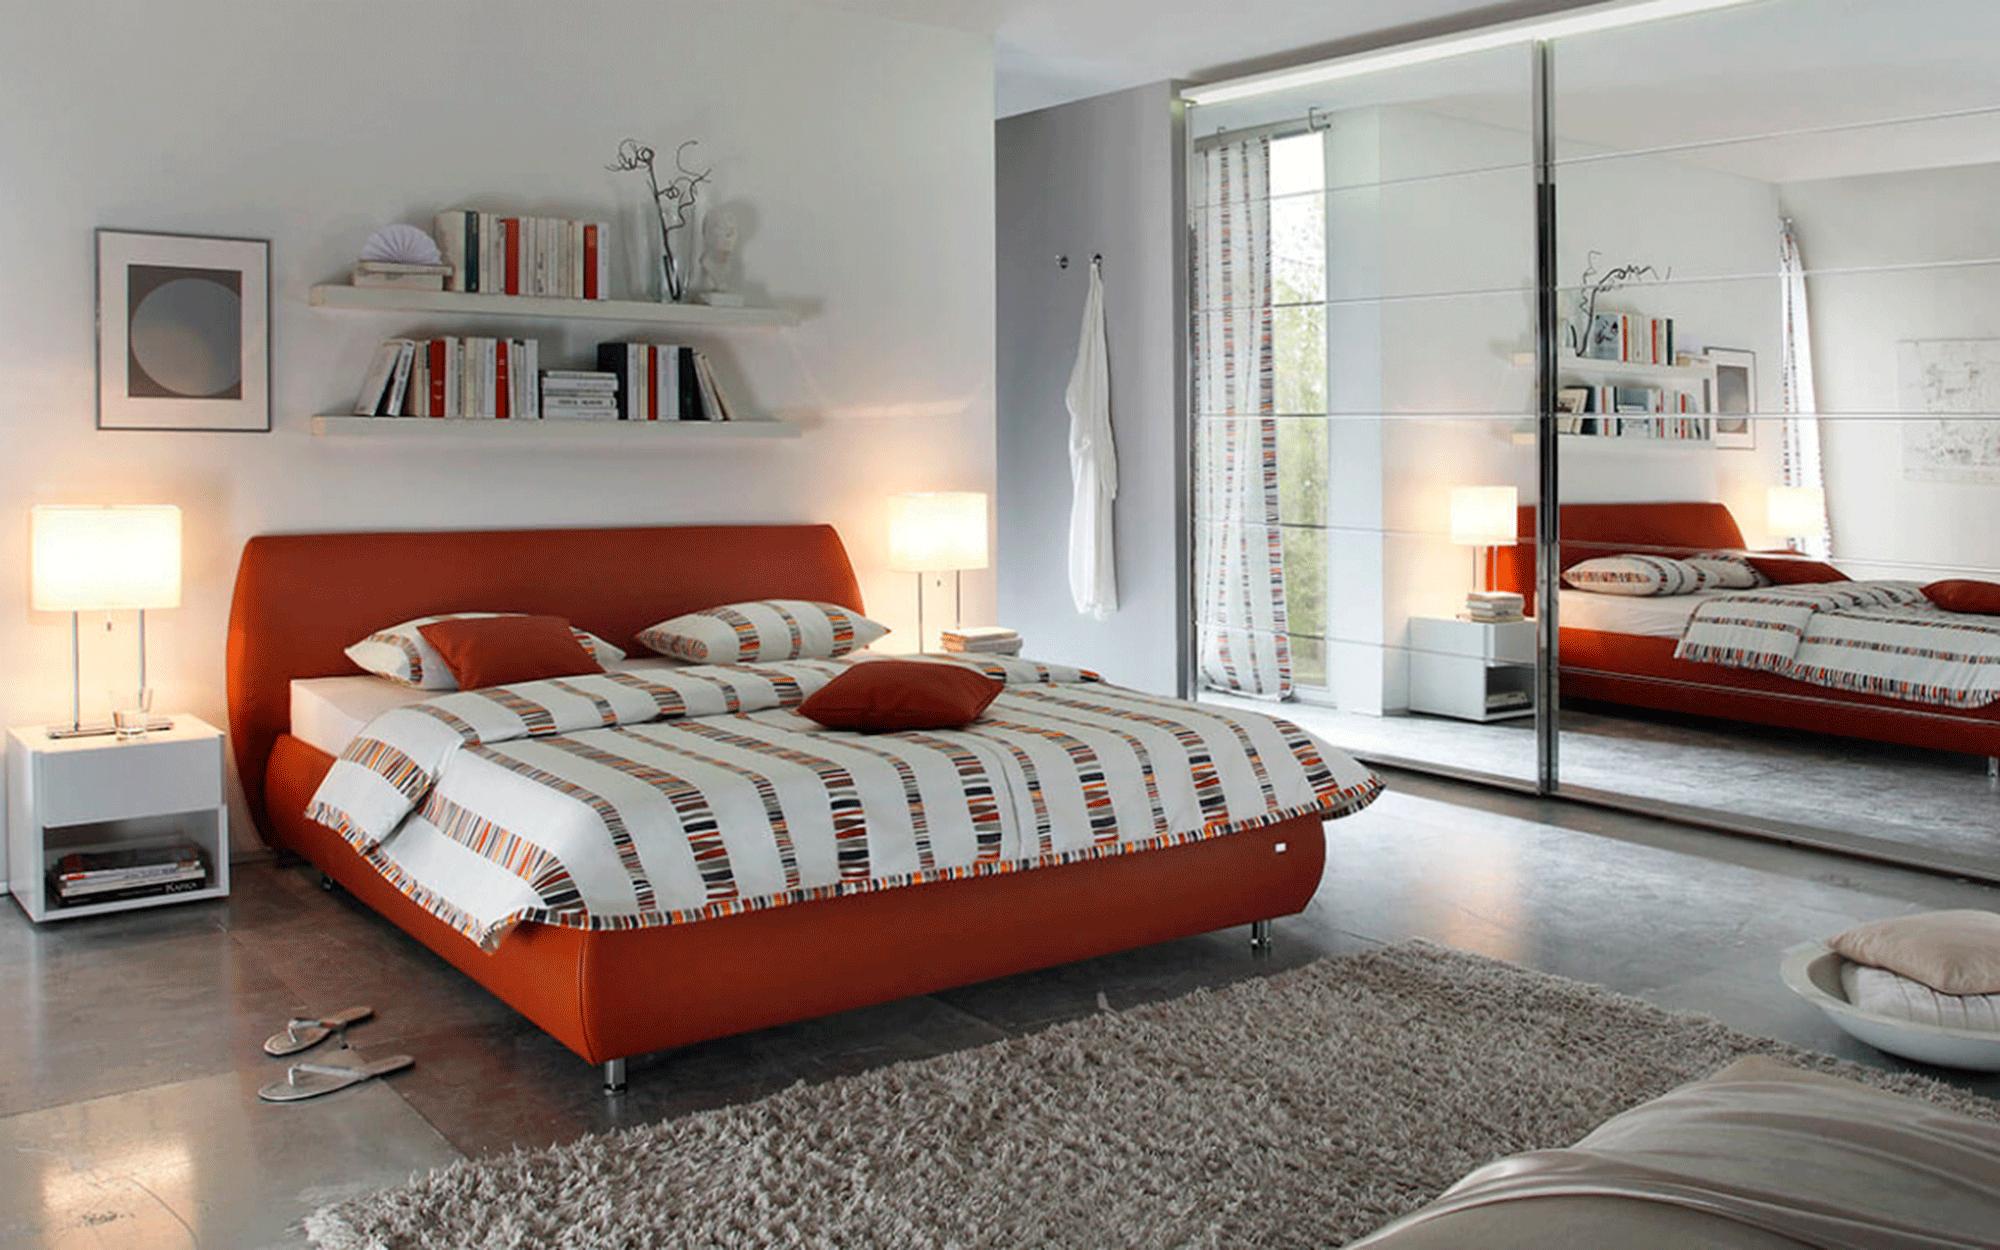 кровать DANIA от Ruf betten